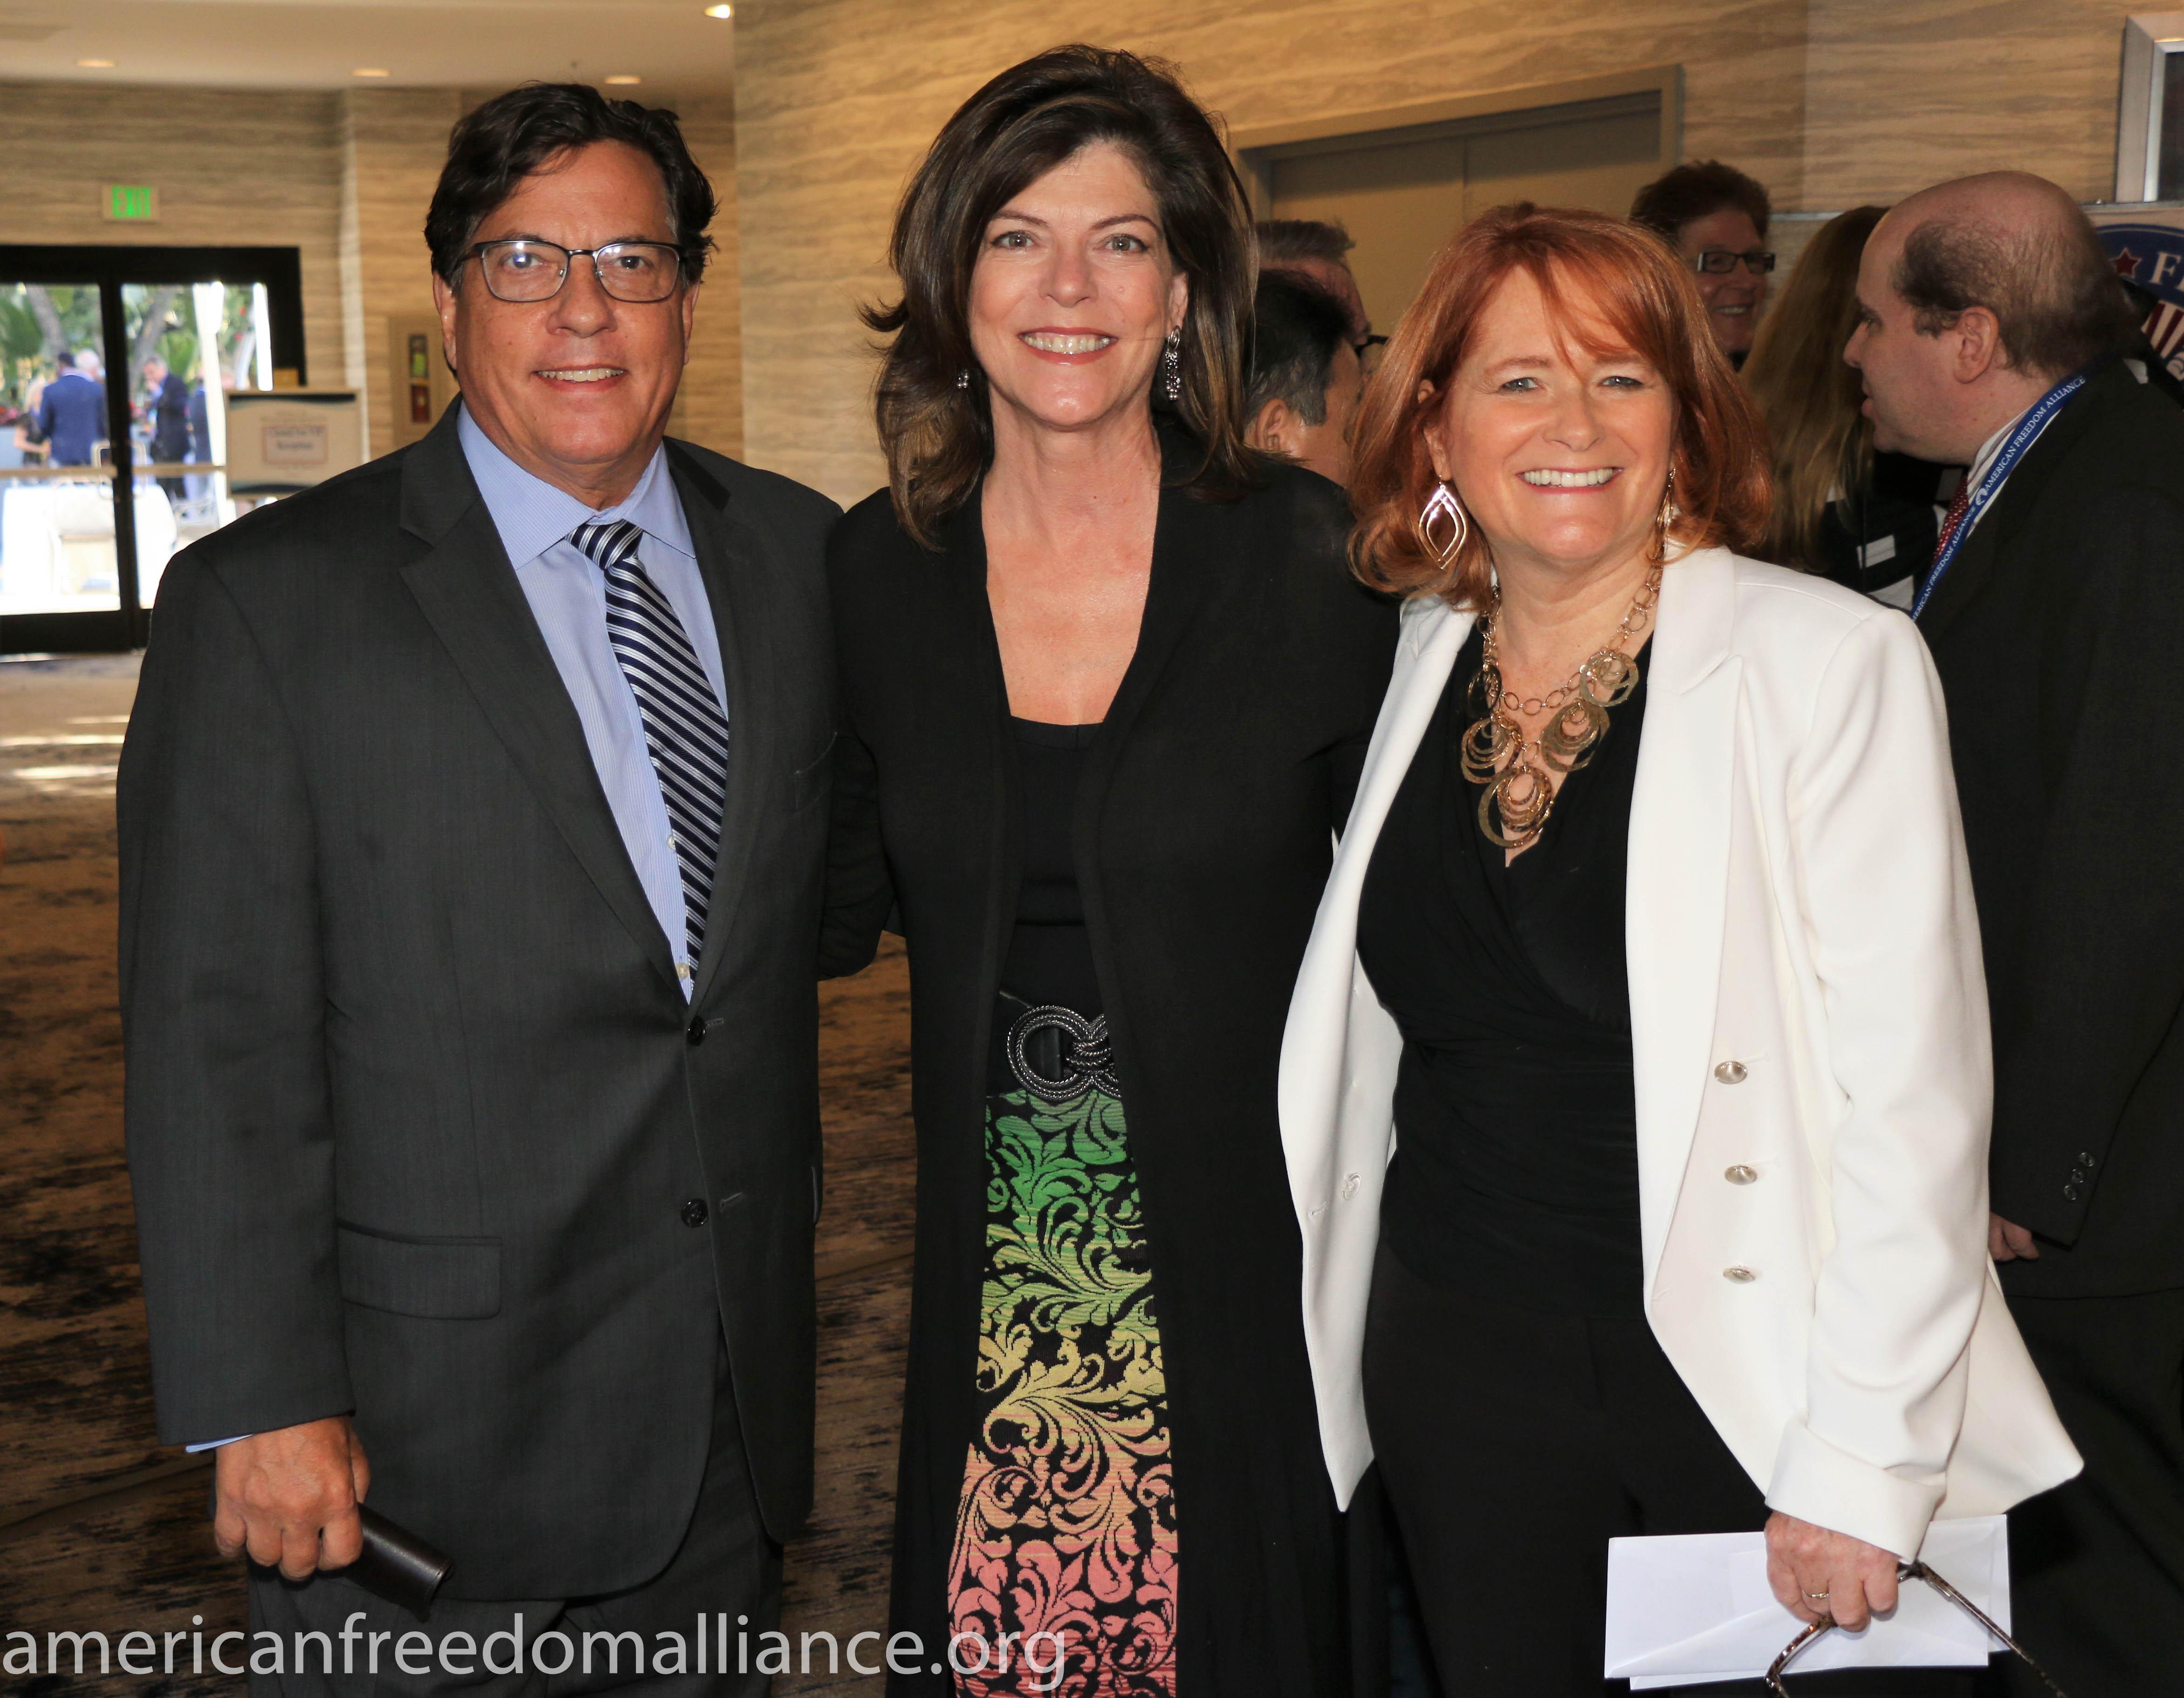 Bill and Gigi Becker with Karen Siegemund